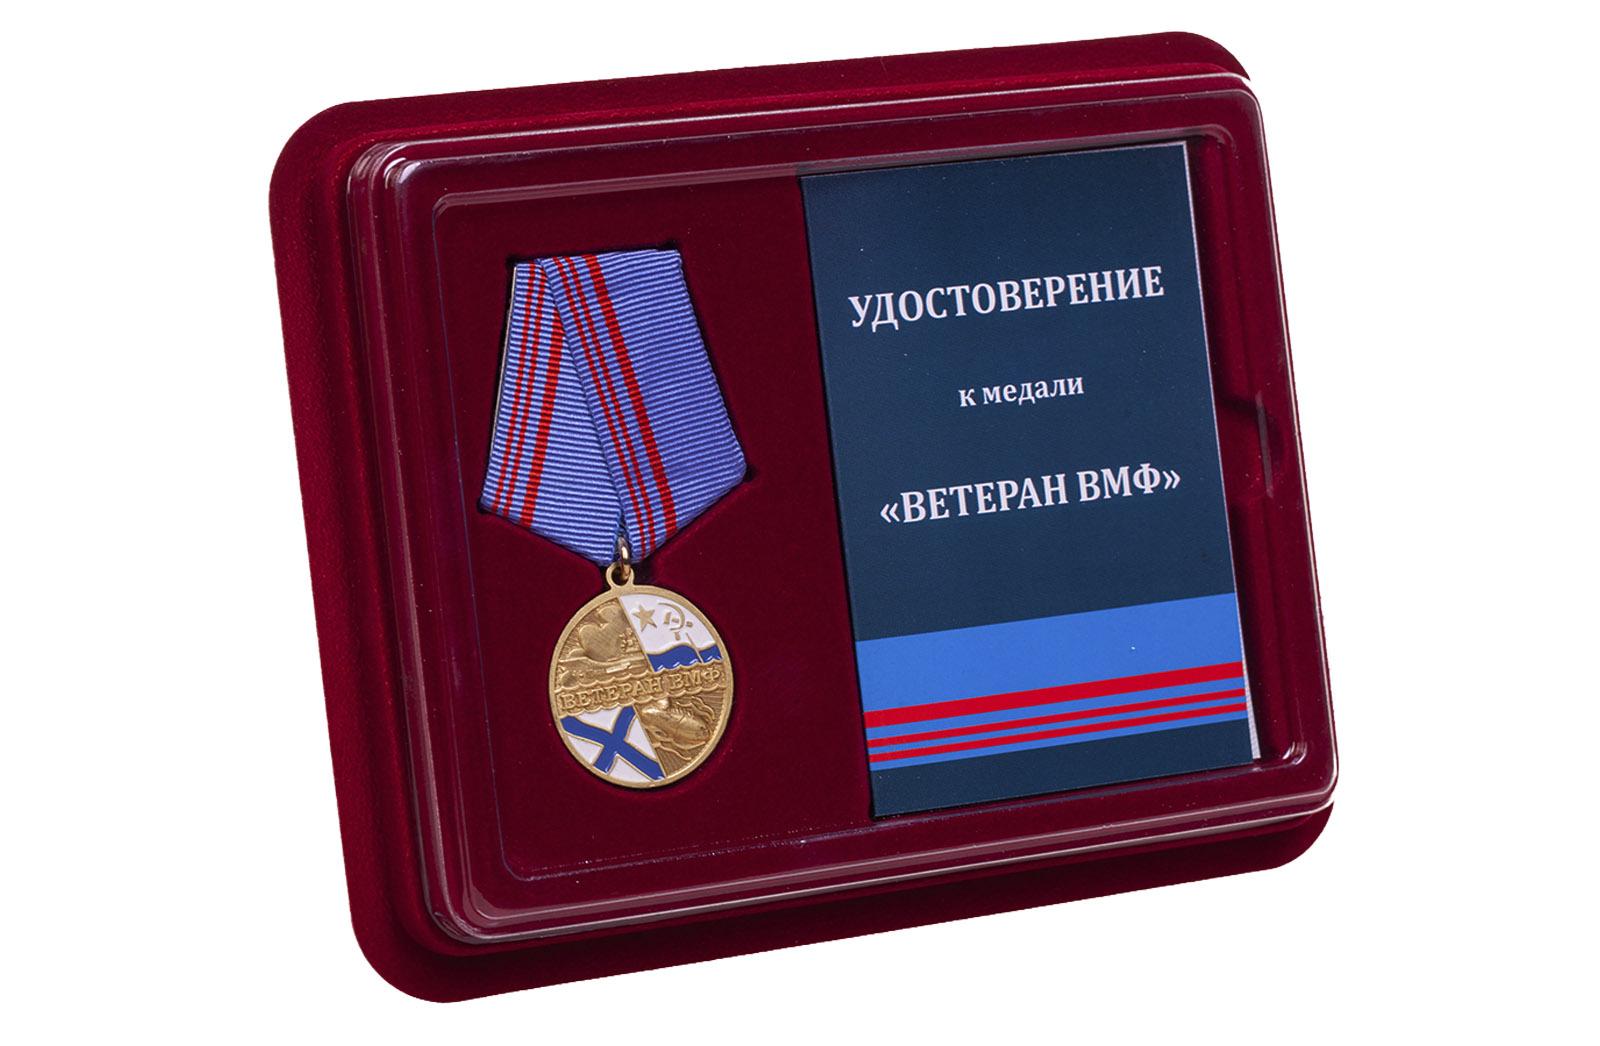 Купить медаль Ветеран ВМФ России в футляре с удостоверением по лучшей цене